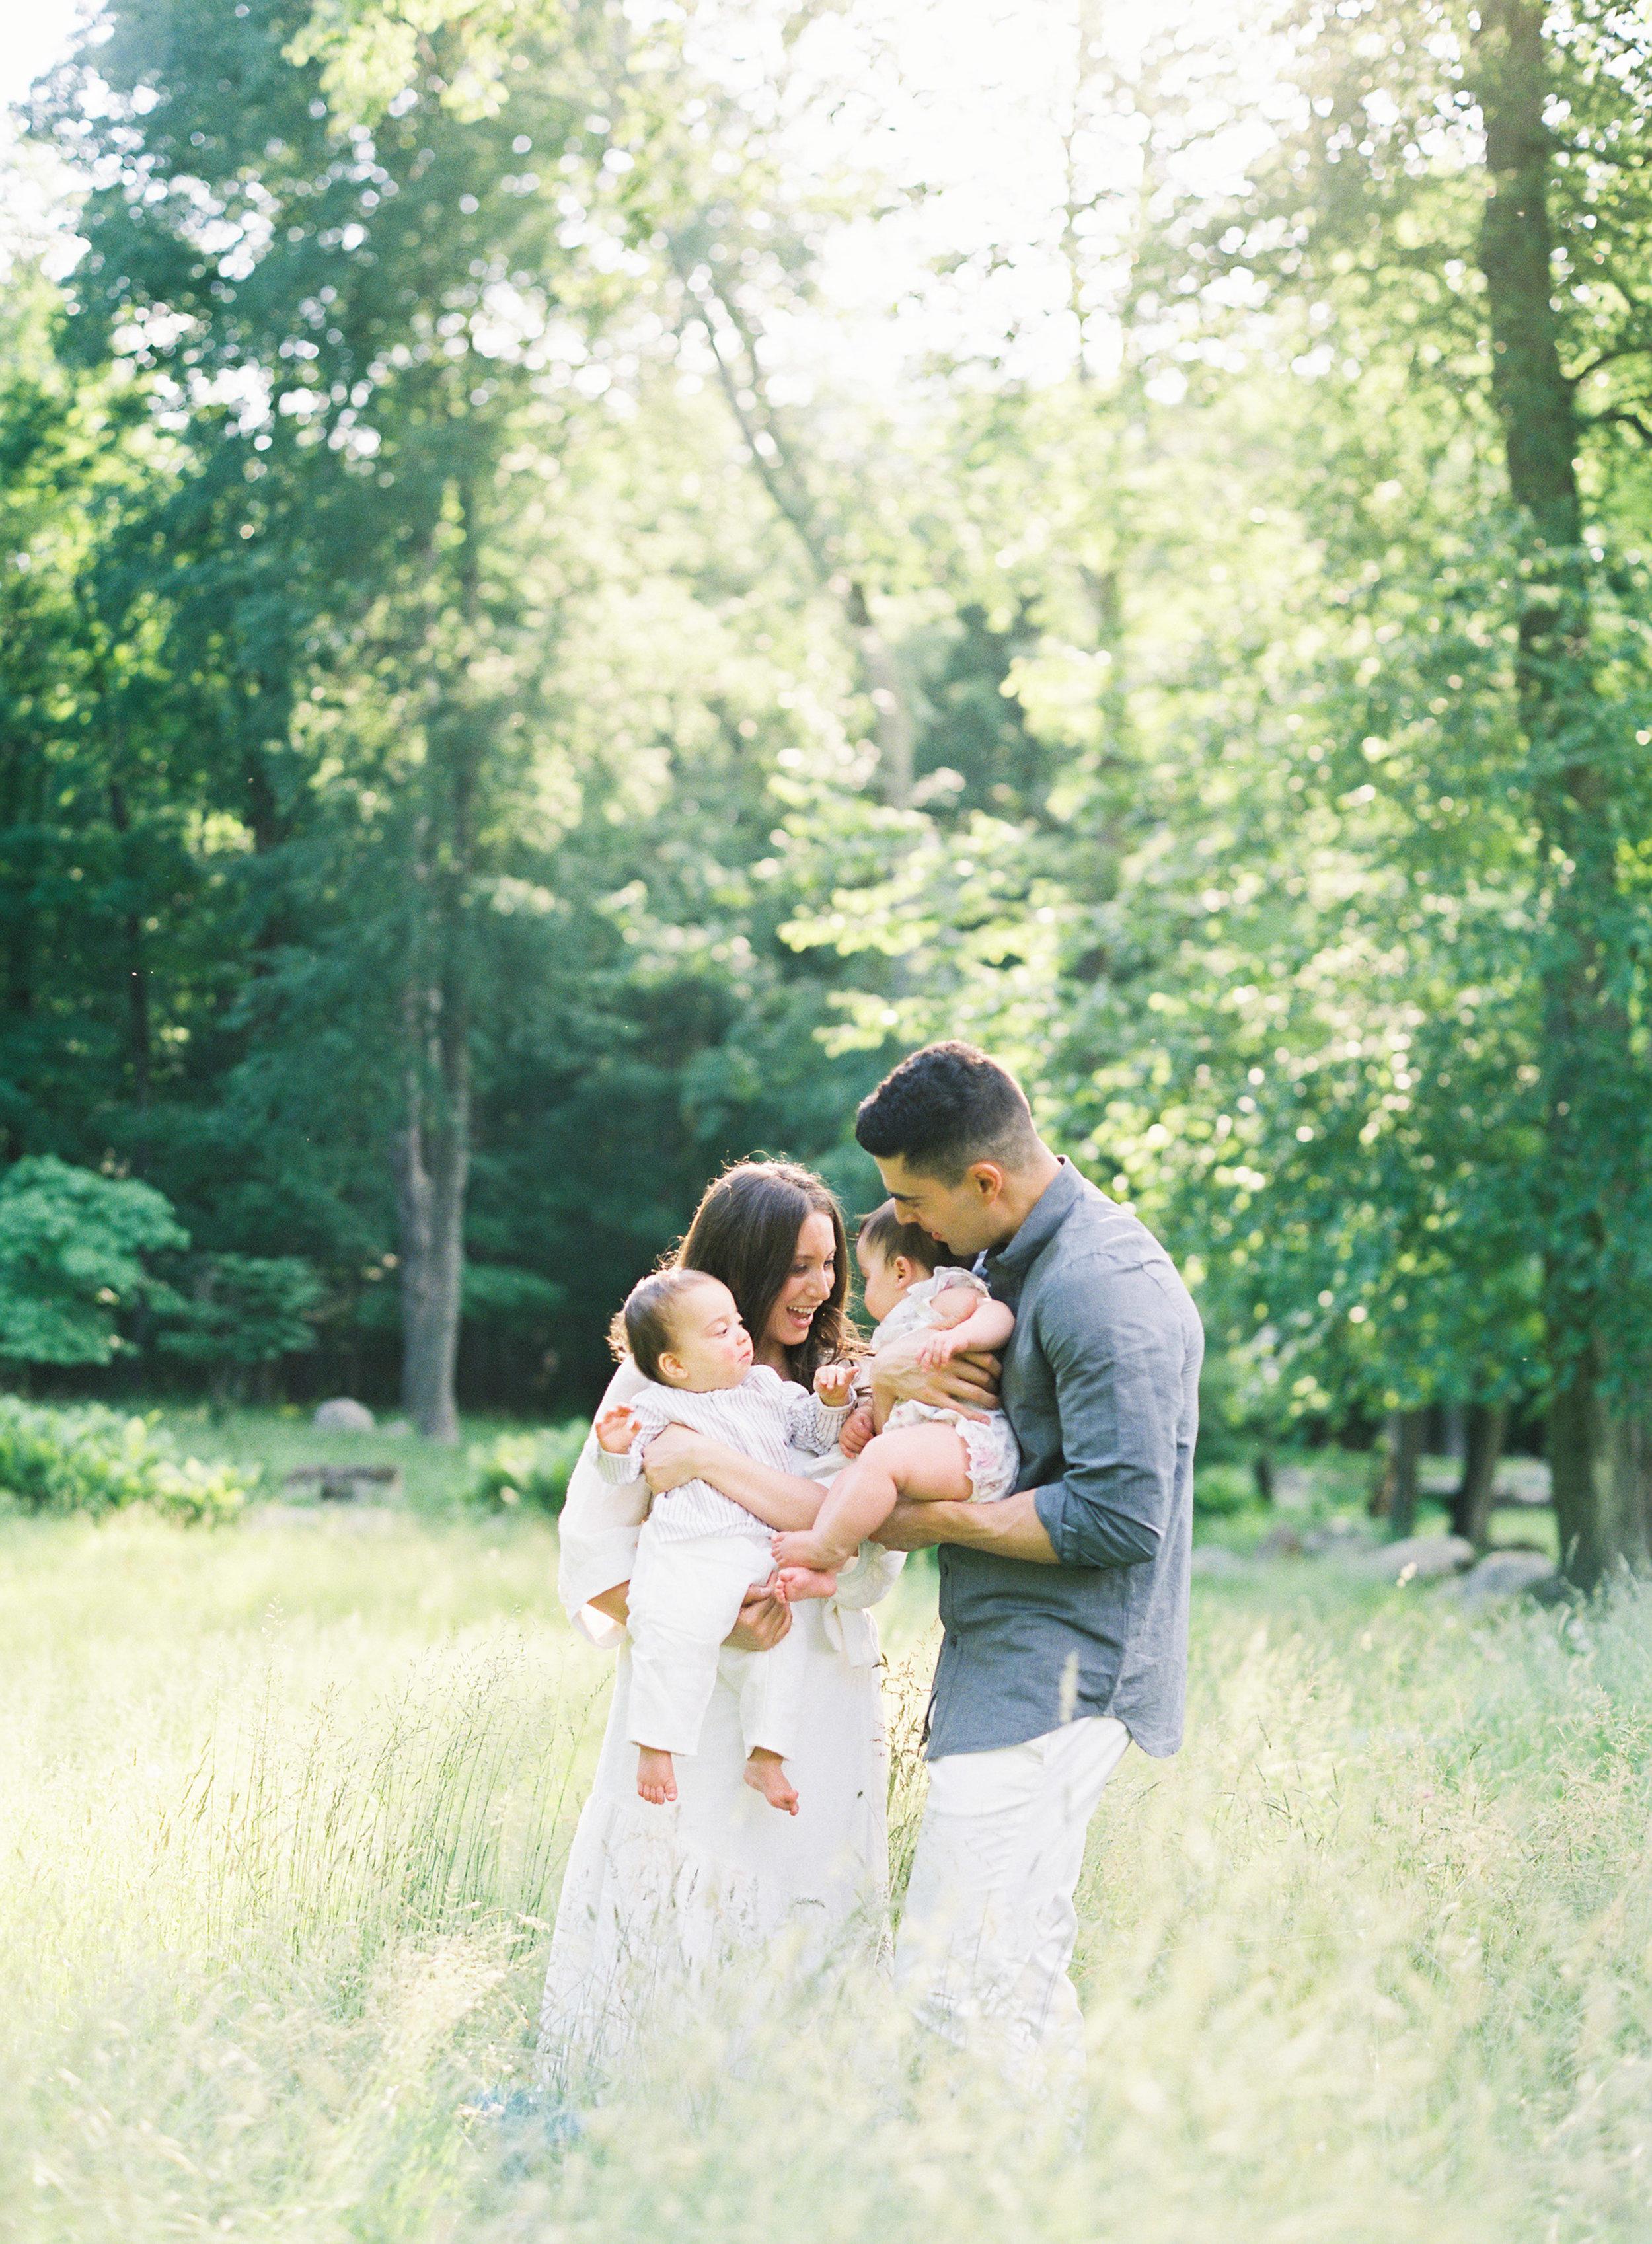 Pound-Ridge-Family-Portraits-4-Jen-Huang-003169-R1-005.jpg